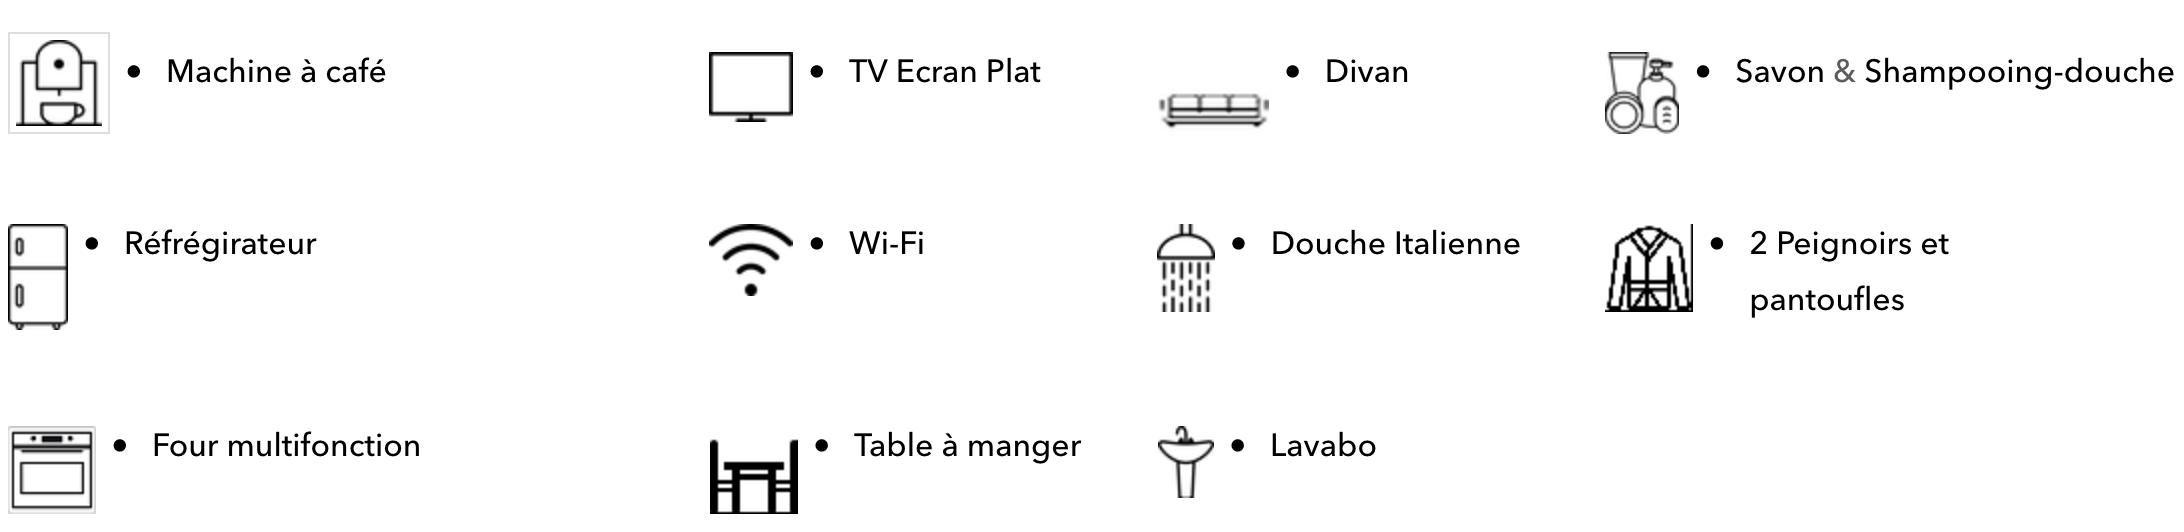 Les équipements de la chambre